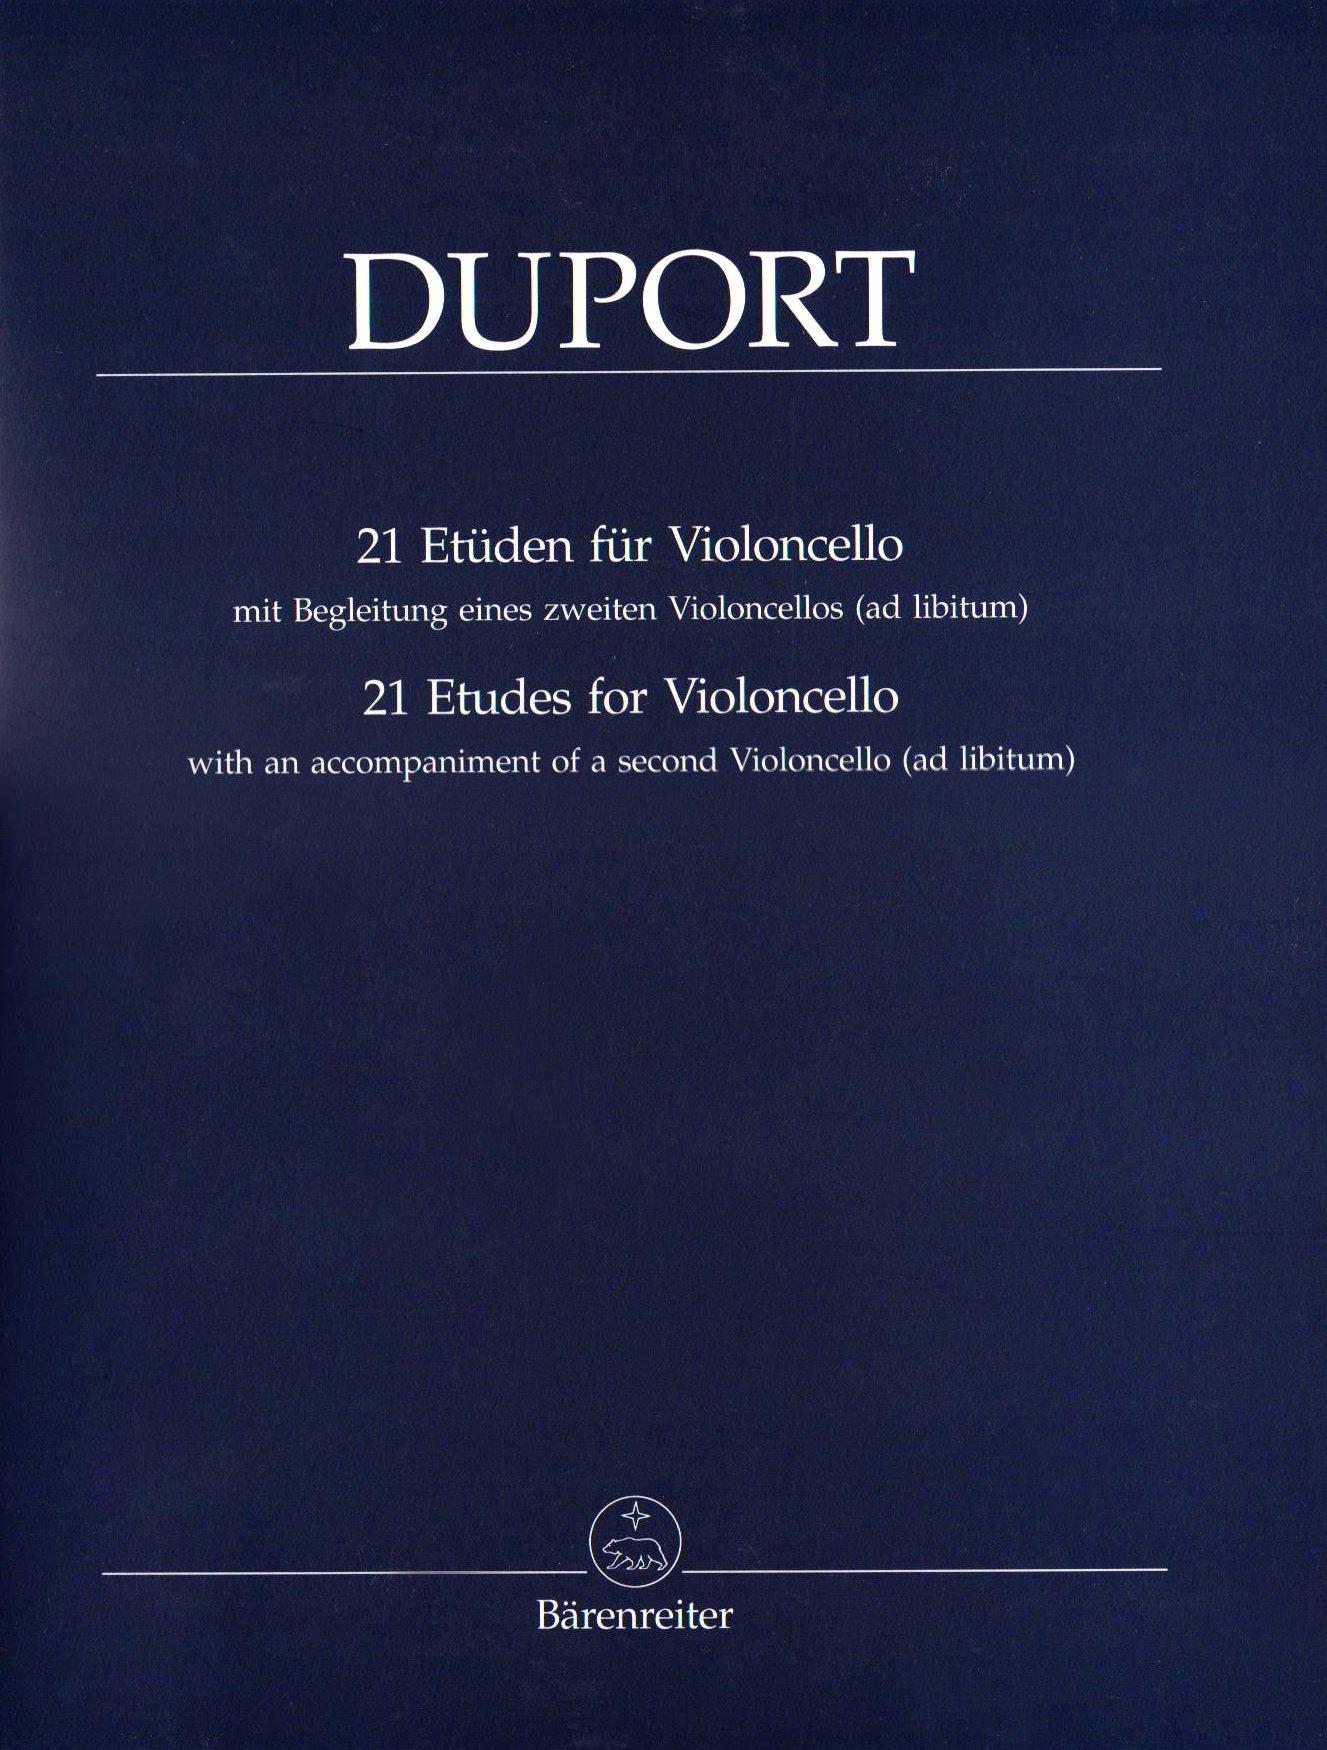 21 Etüden für Violoncello mit Begleitung eines zweiten Violoncello (ad libitum) Musiknoten – 1. Oktober 2005 Jean-Louis Duport Bärenreiter Verlag B000B5WQYC Musikalien